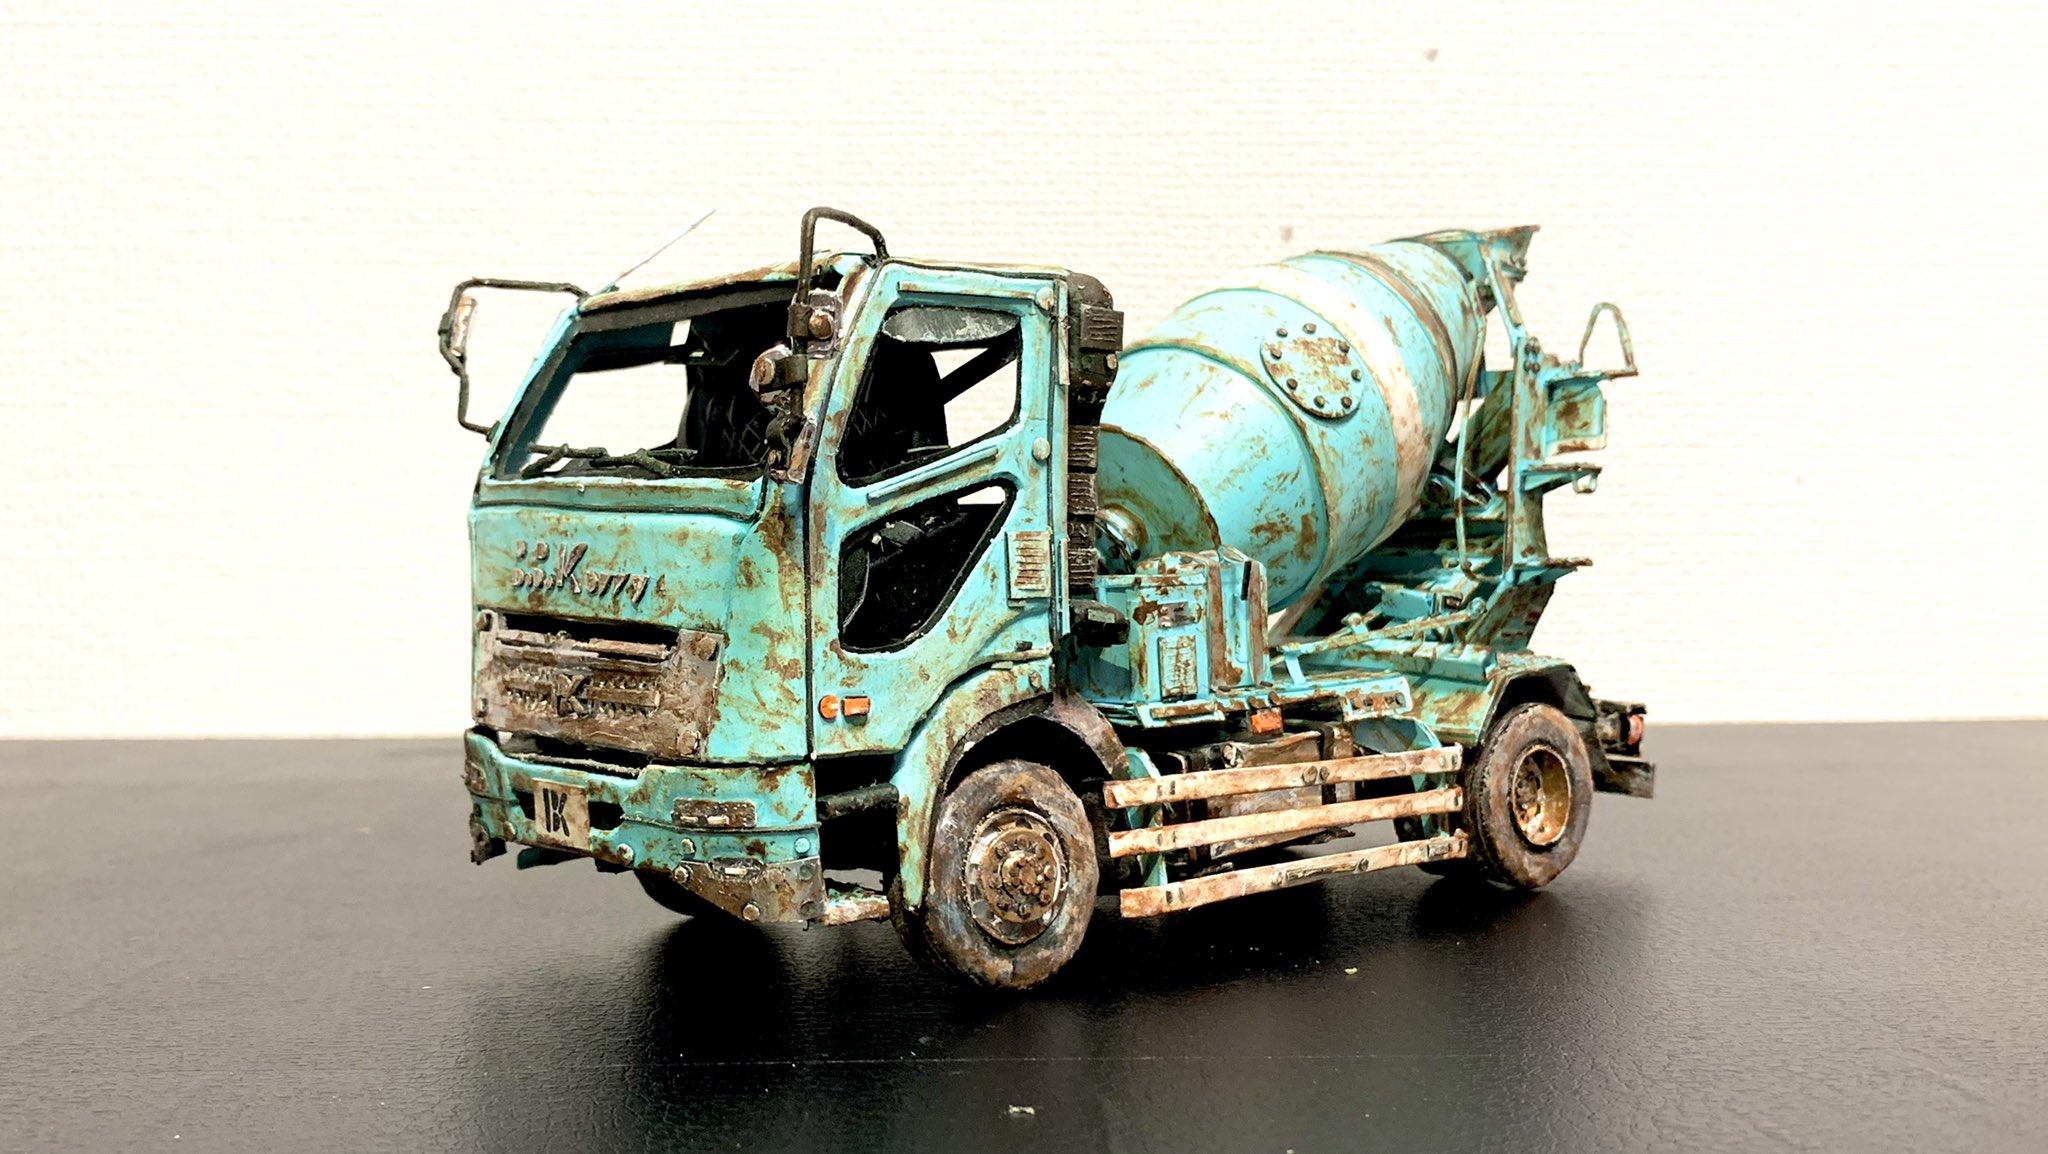 纸模高玩打造废弃风格卡车模型 造型极度逼真网友热赞